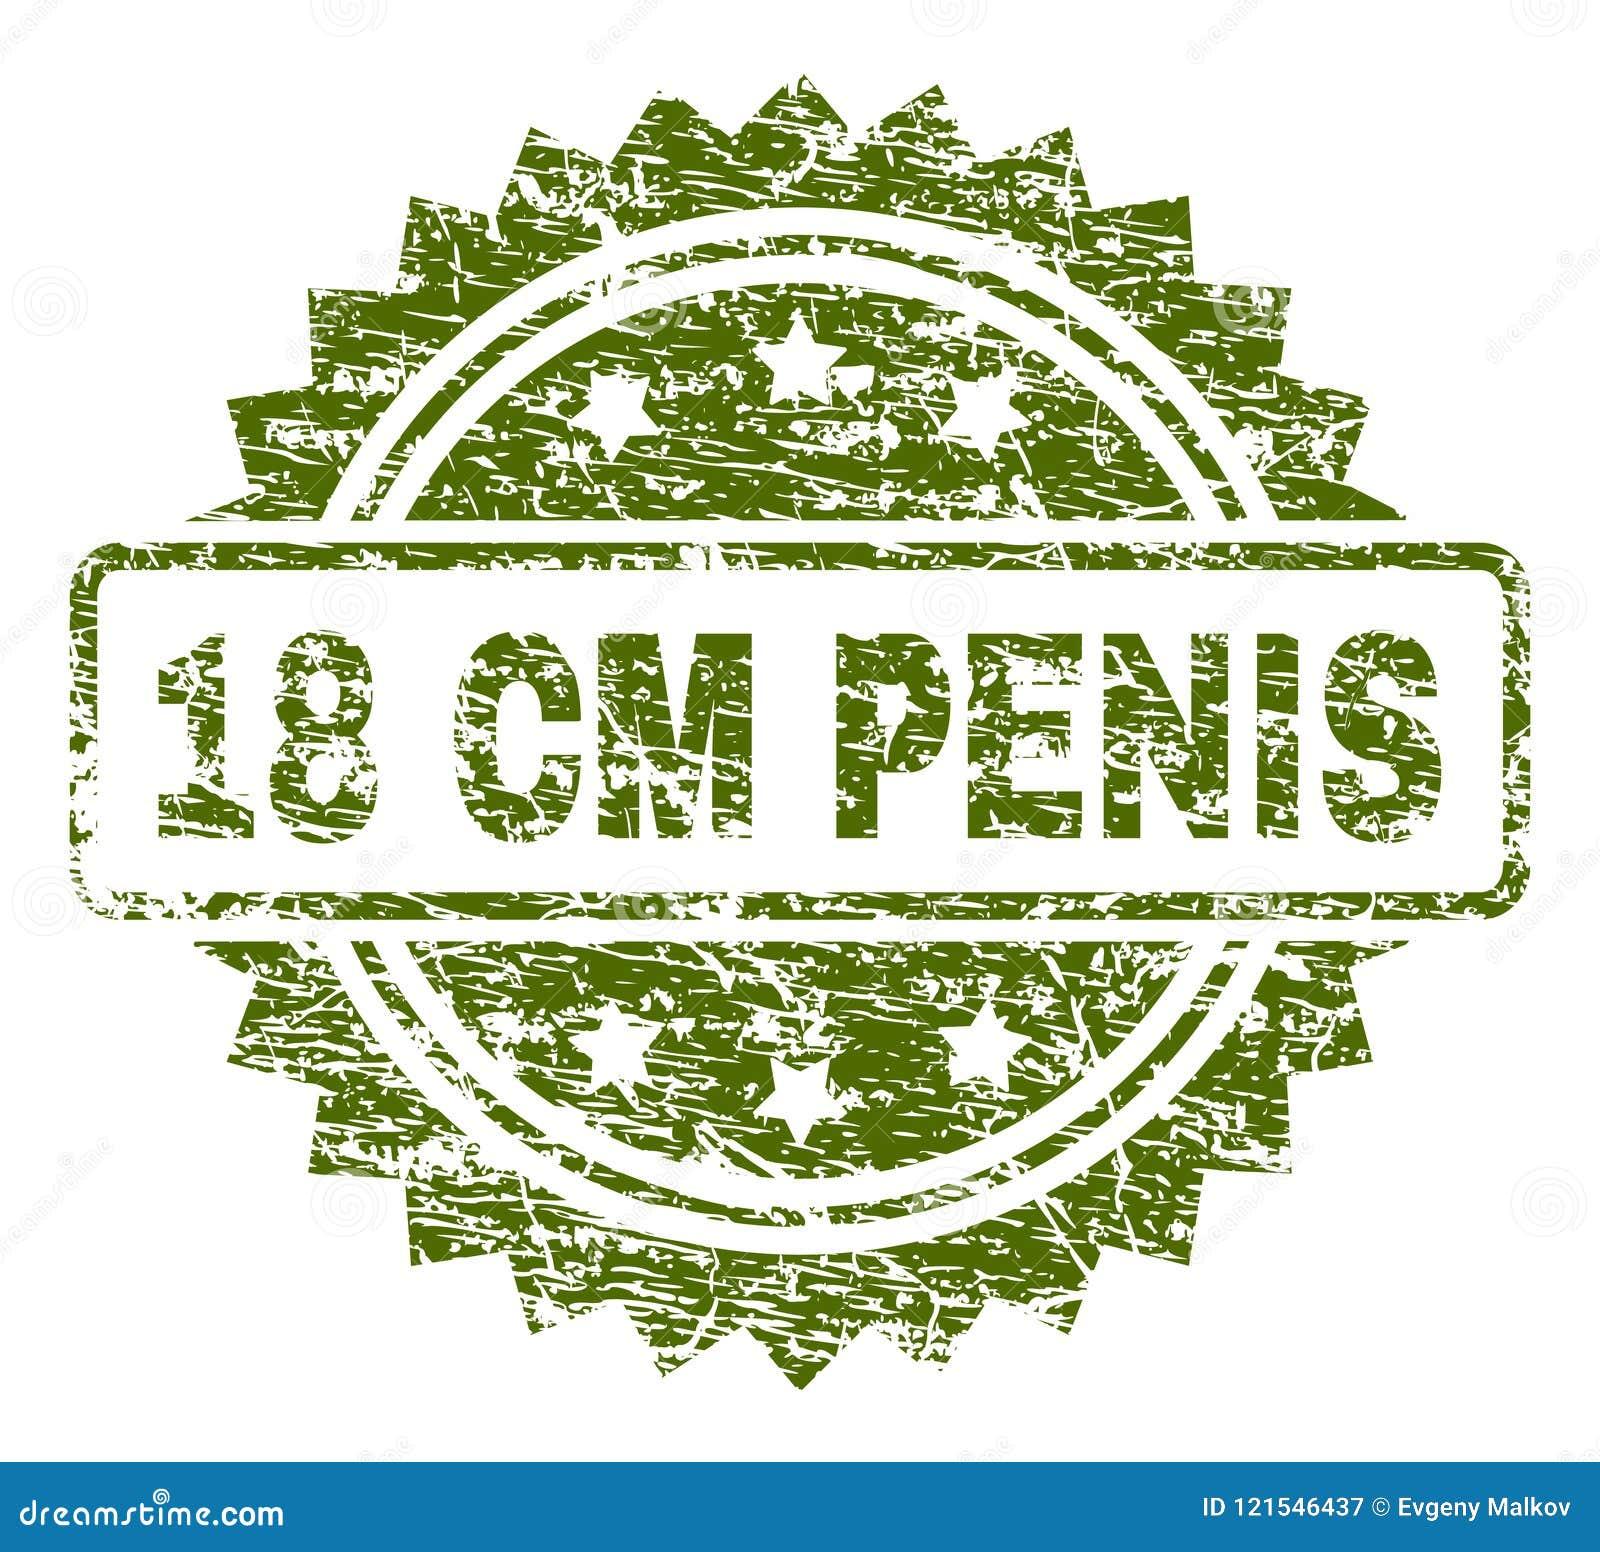 18 penis Penis Script